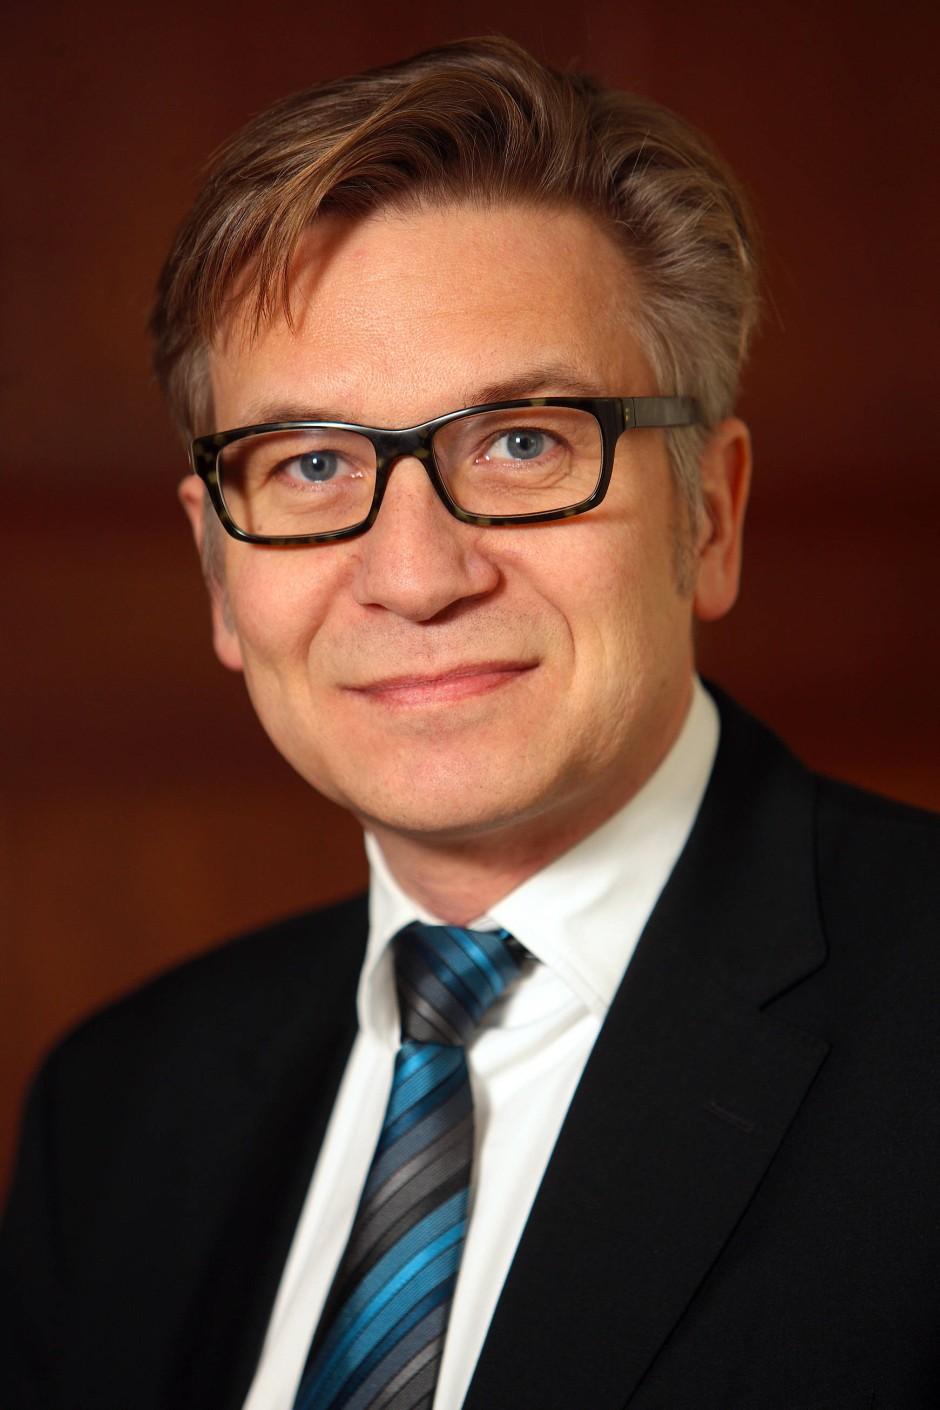 Josef Braml, Amerika-Experte bei der Deutschen Gesellschaft für Auswärtige Politik (DGAP) und Redaktionsleiter sowie geschäftsführender Herausgeber des DGAP-Jahrbuchs